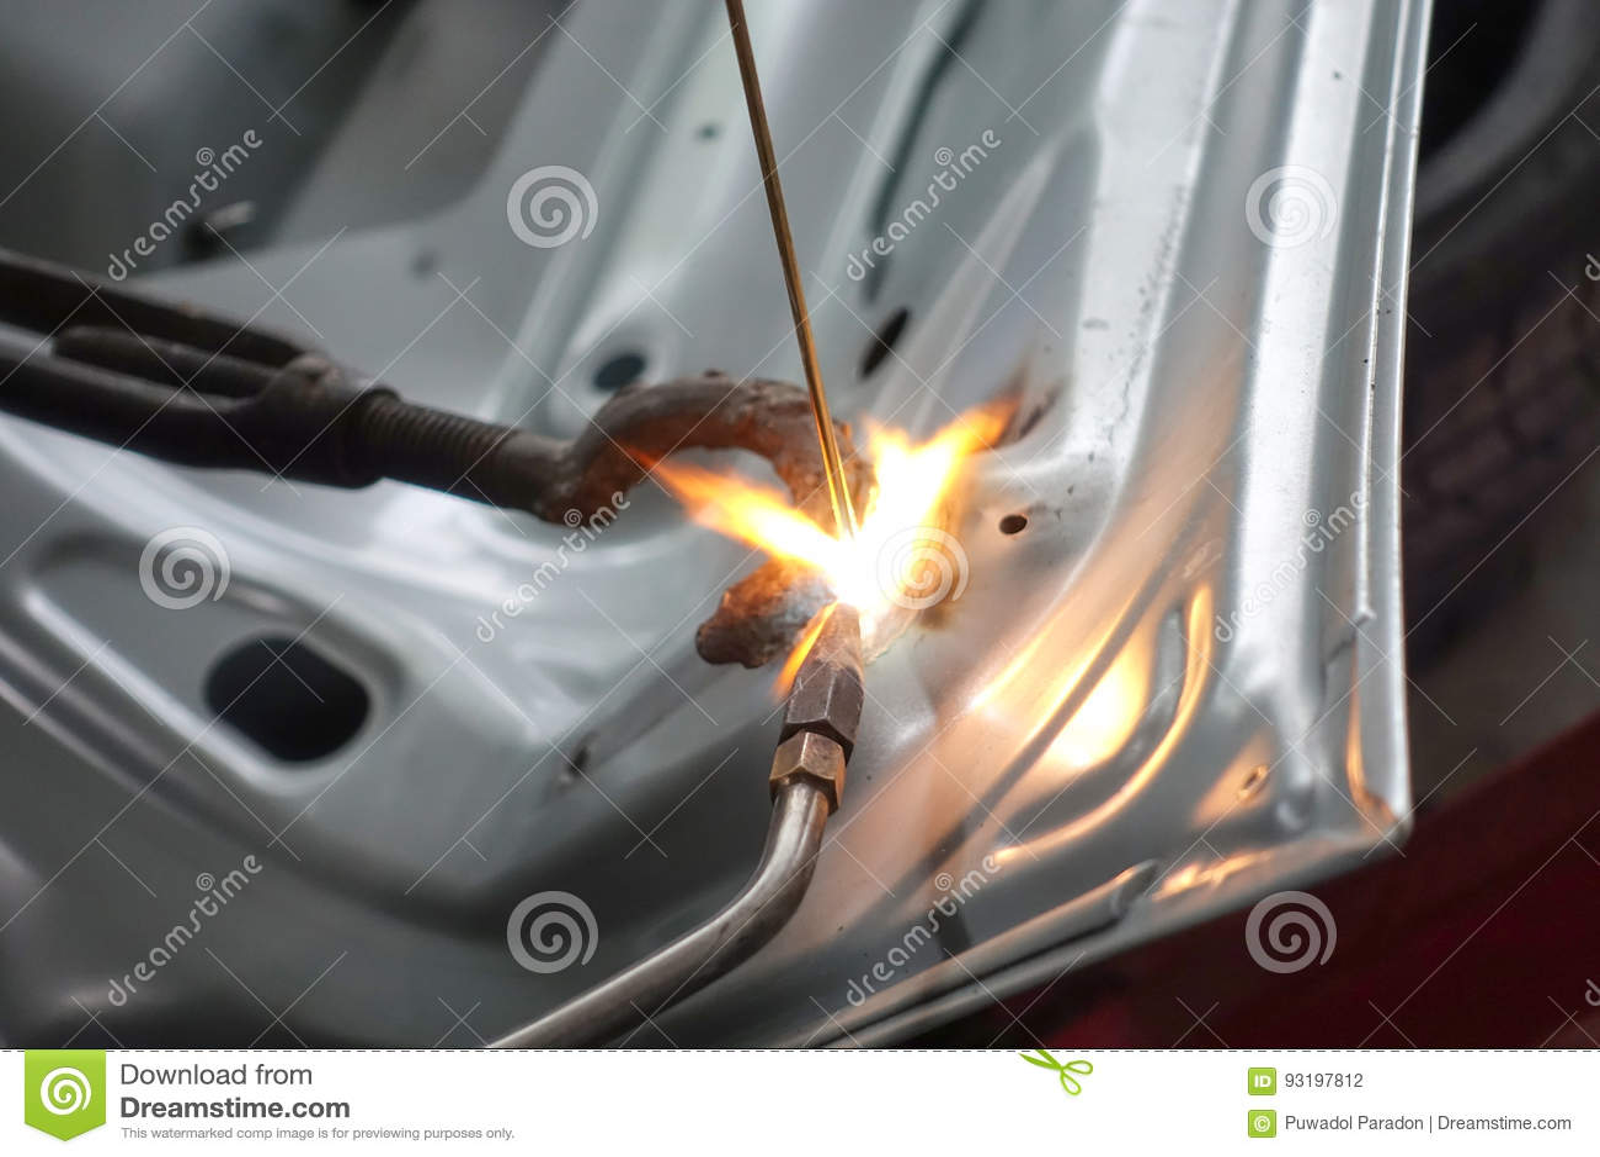 焊接的自动身体特写镜头与气体火炬